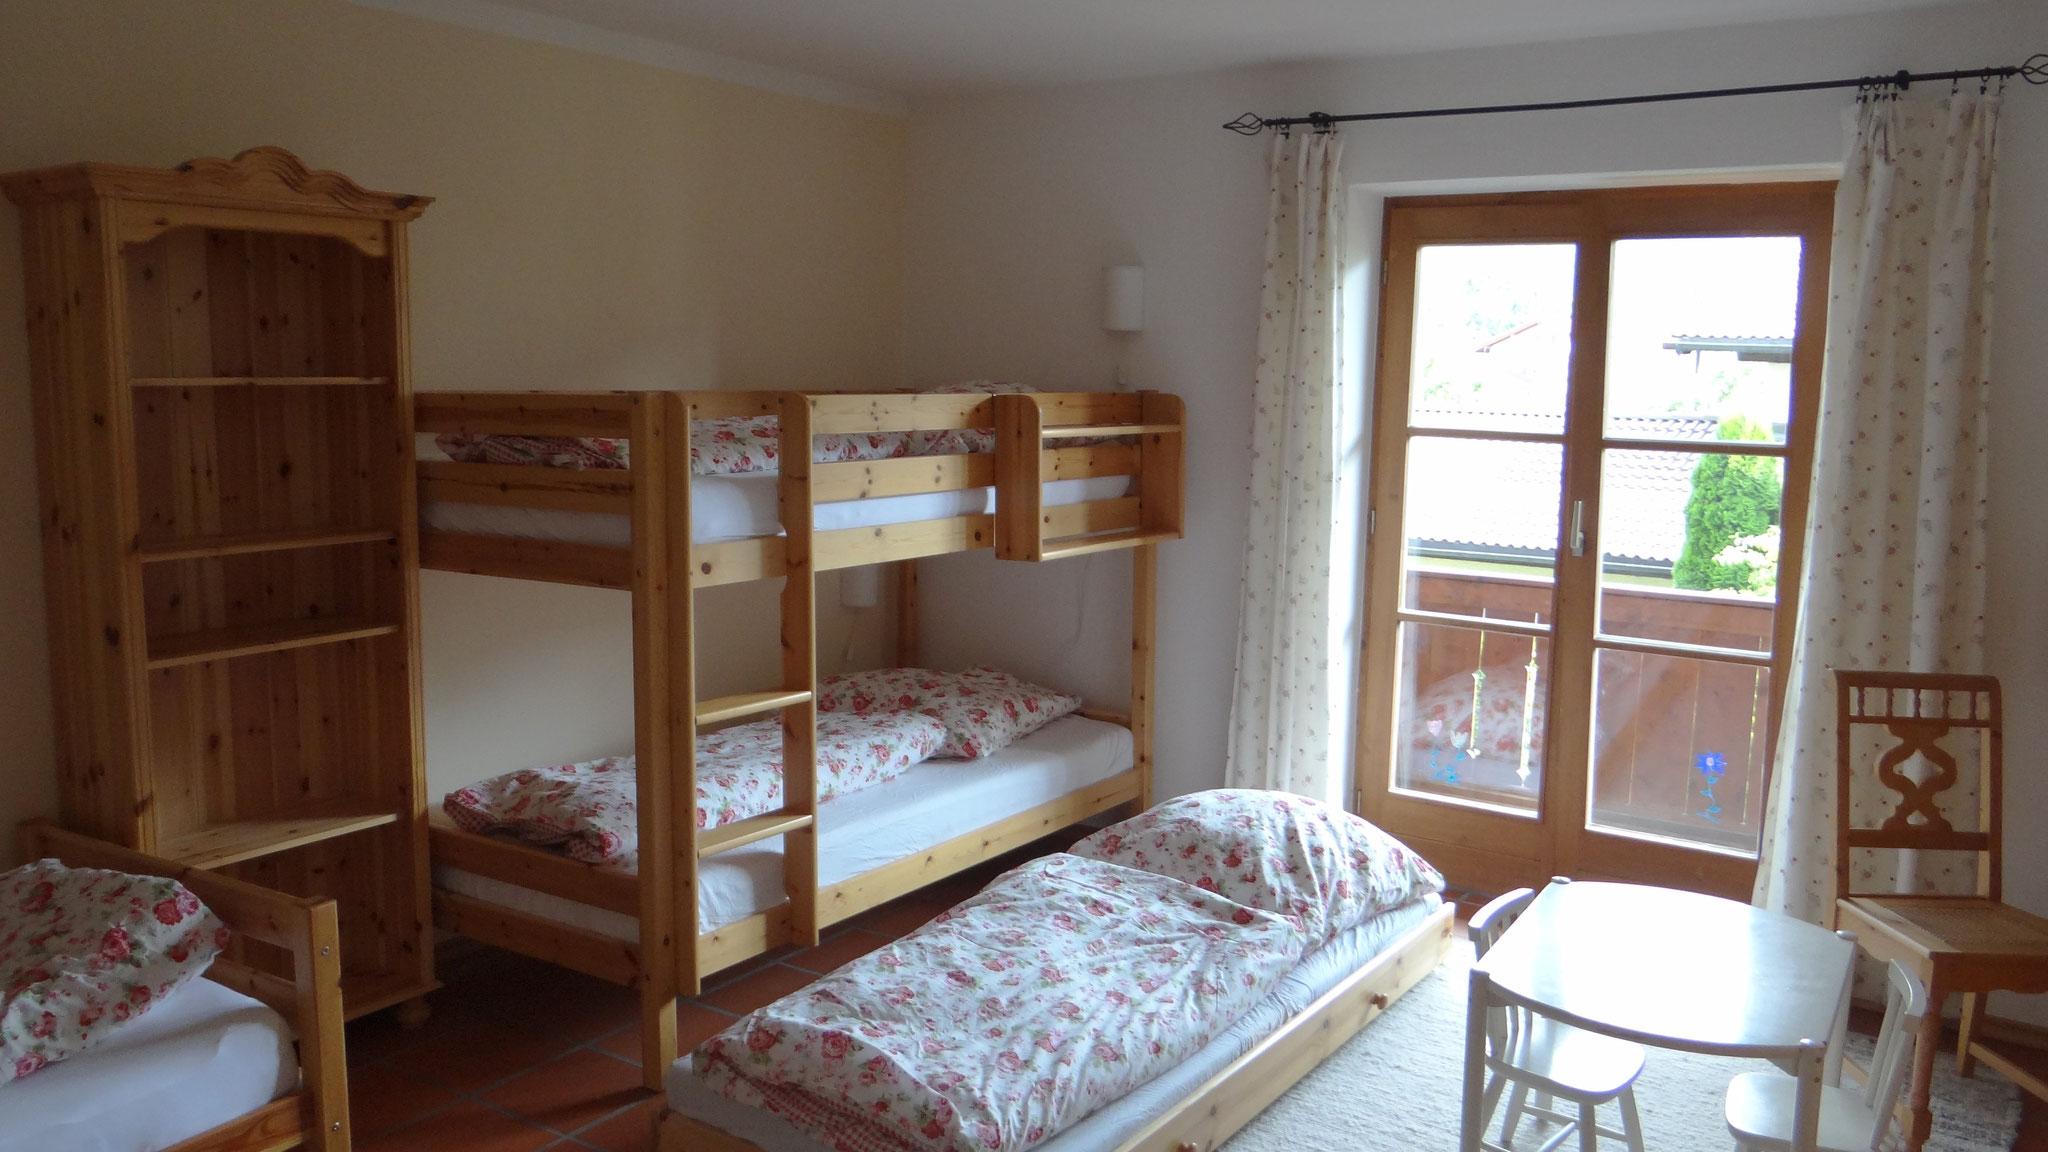 Kinderschlafzimmer mit Zusatzbett